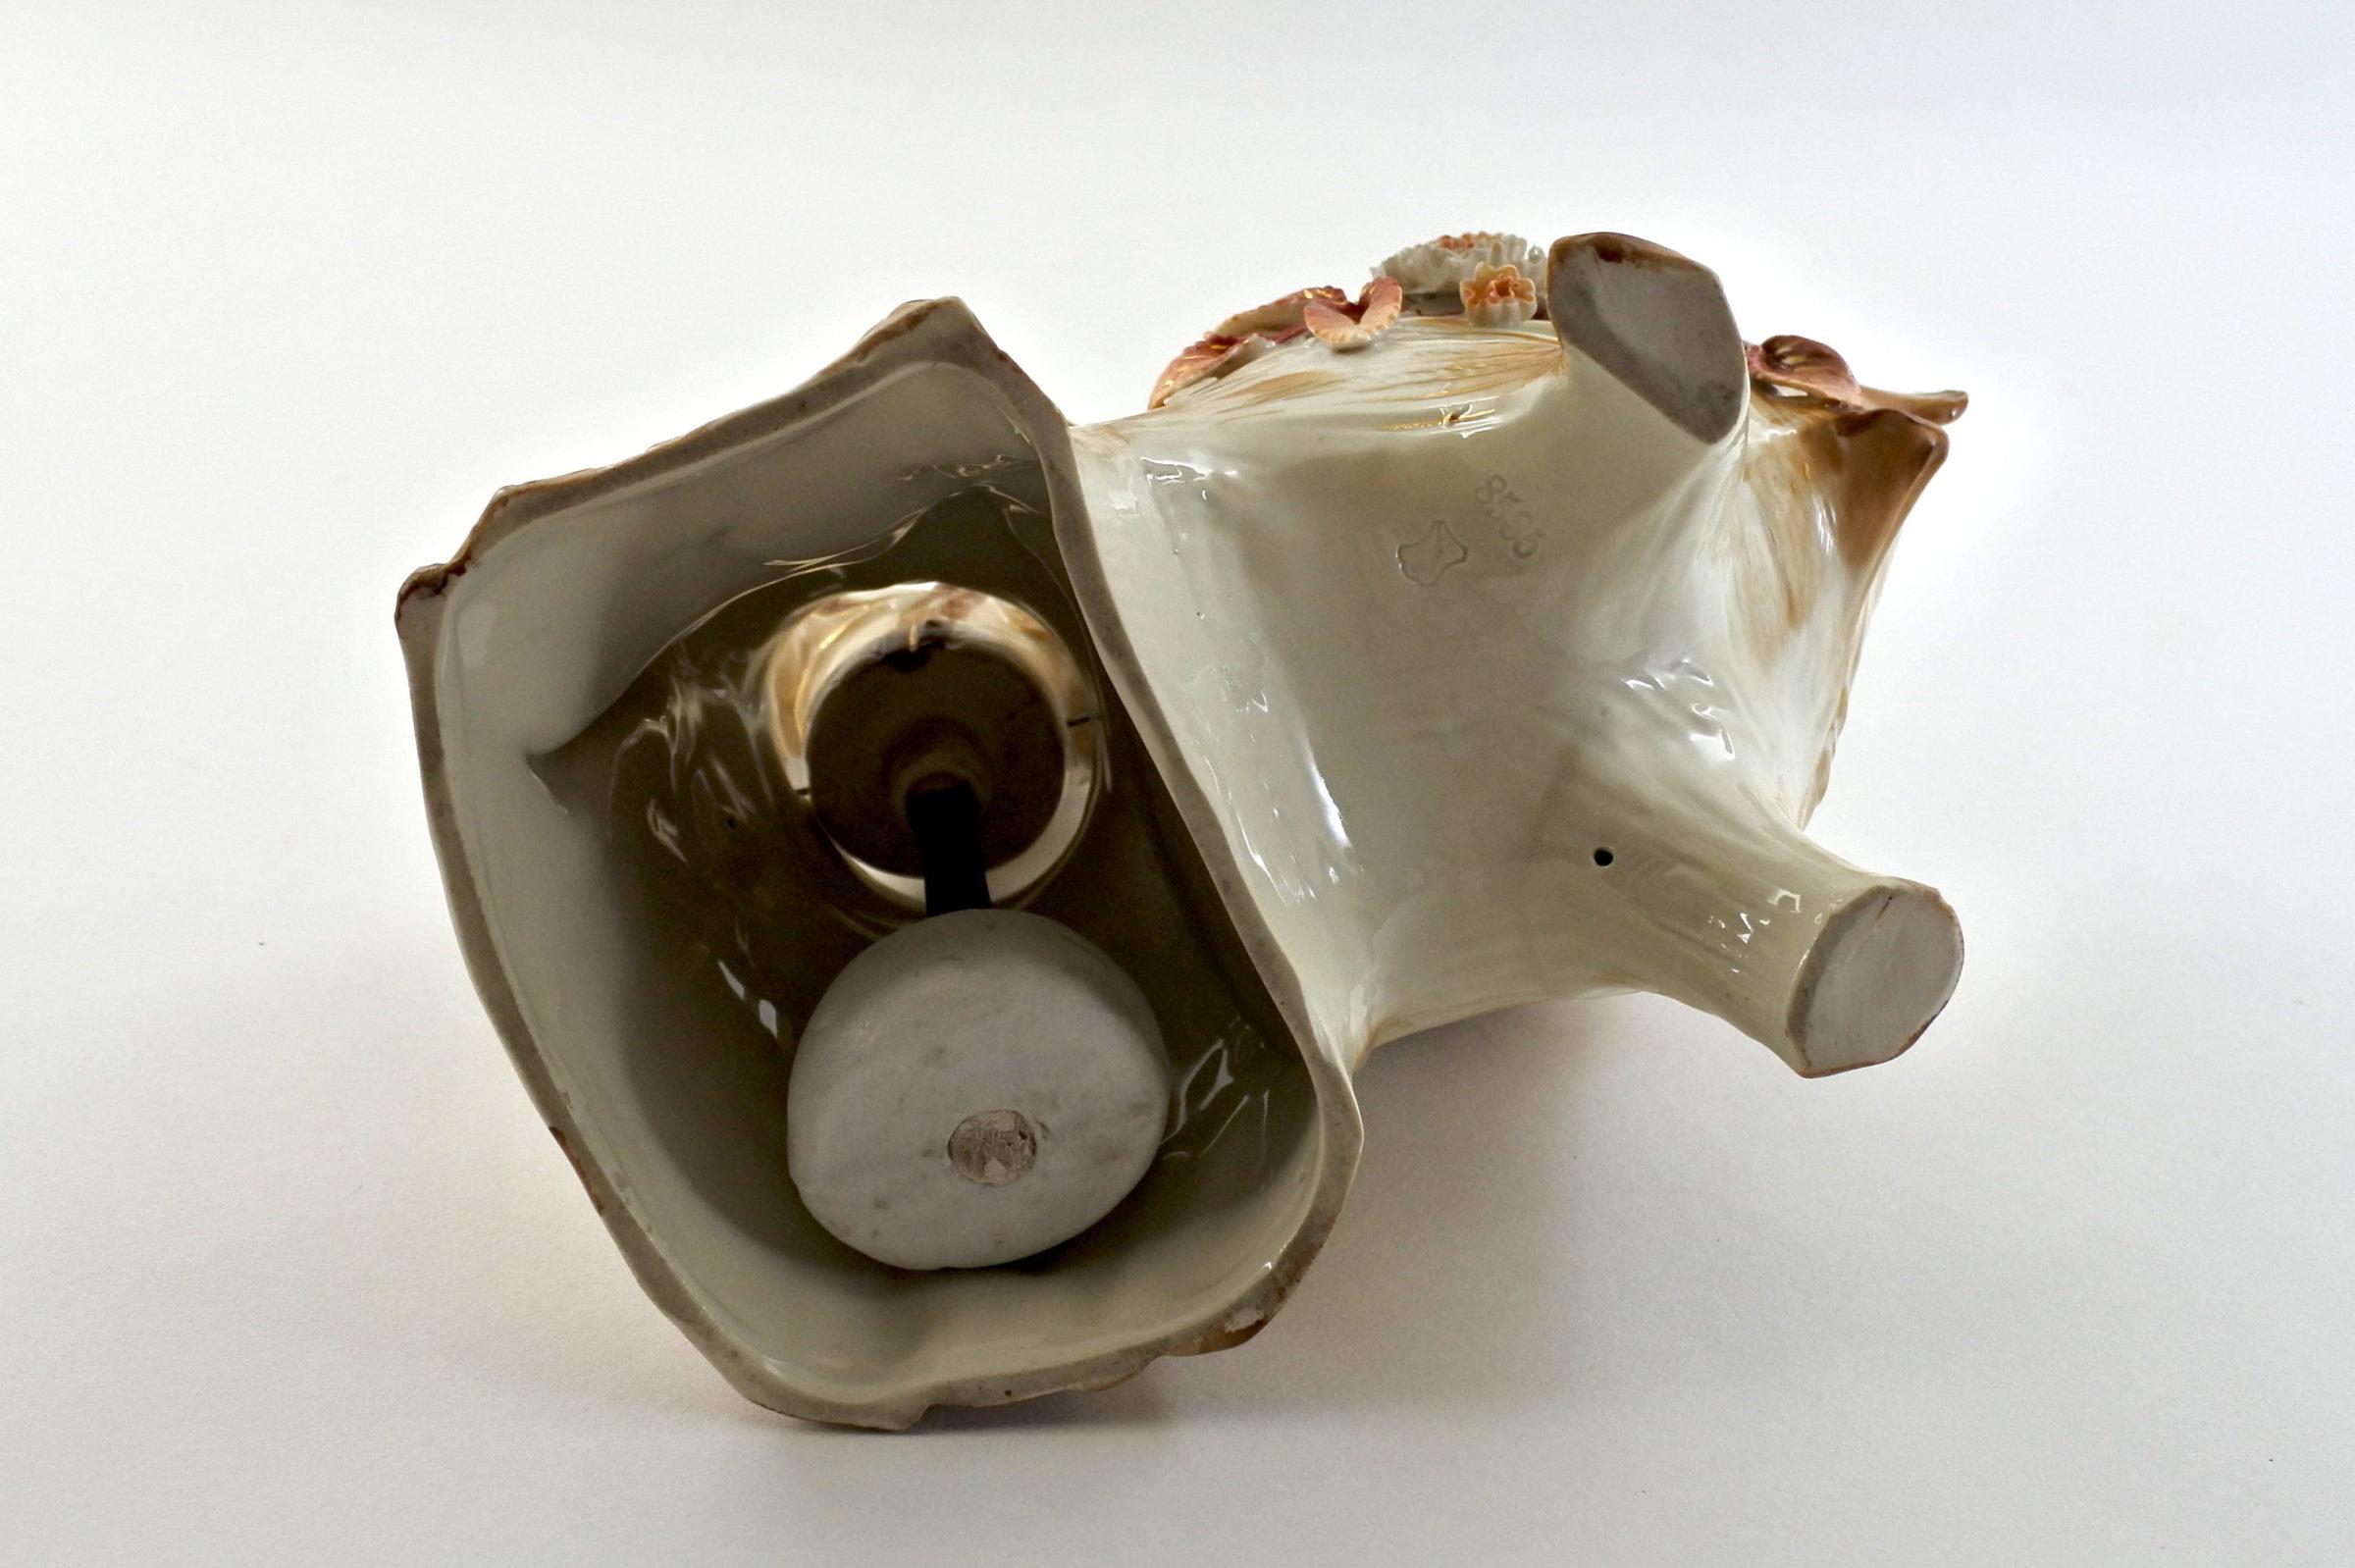 Cinese basculante in ceramica - Trembleur - 5